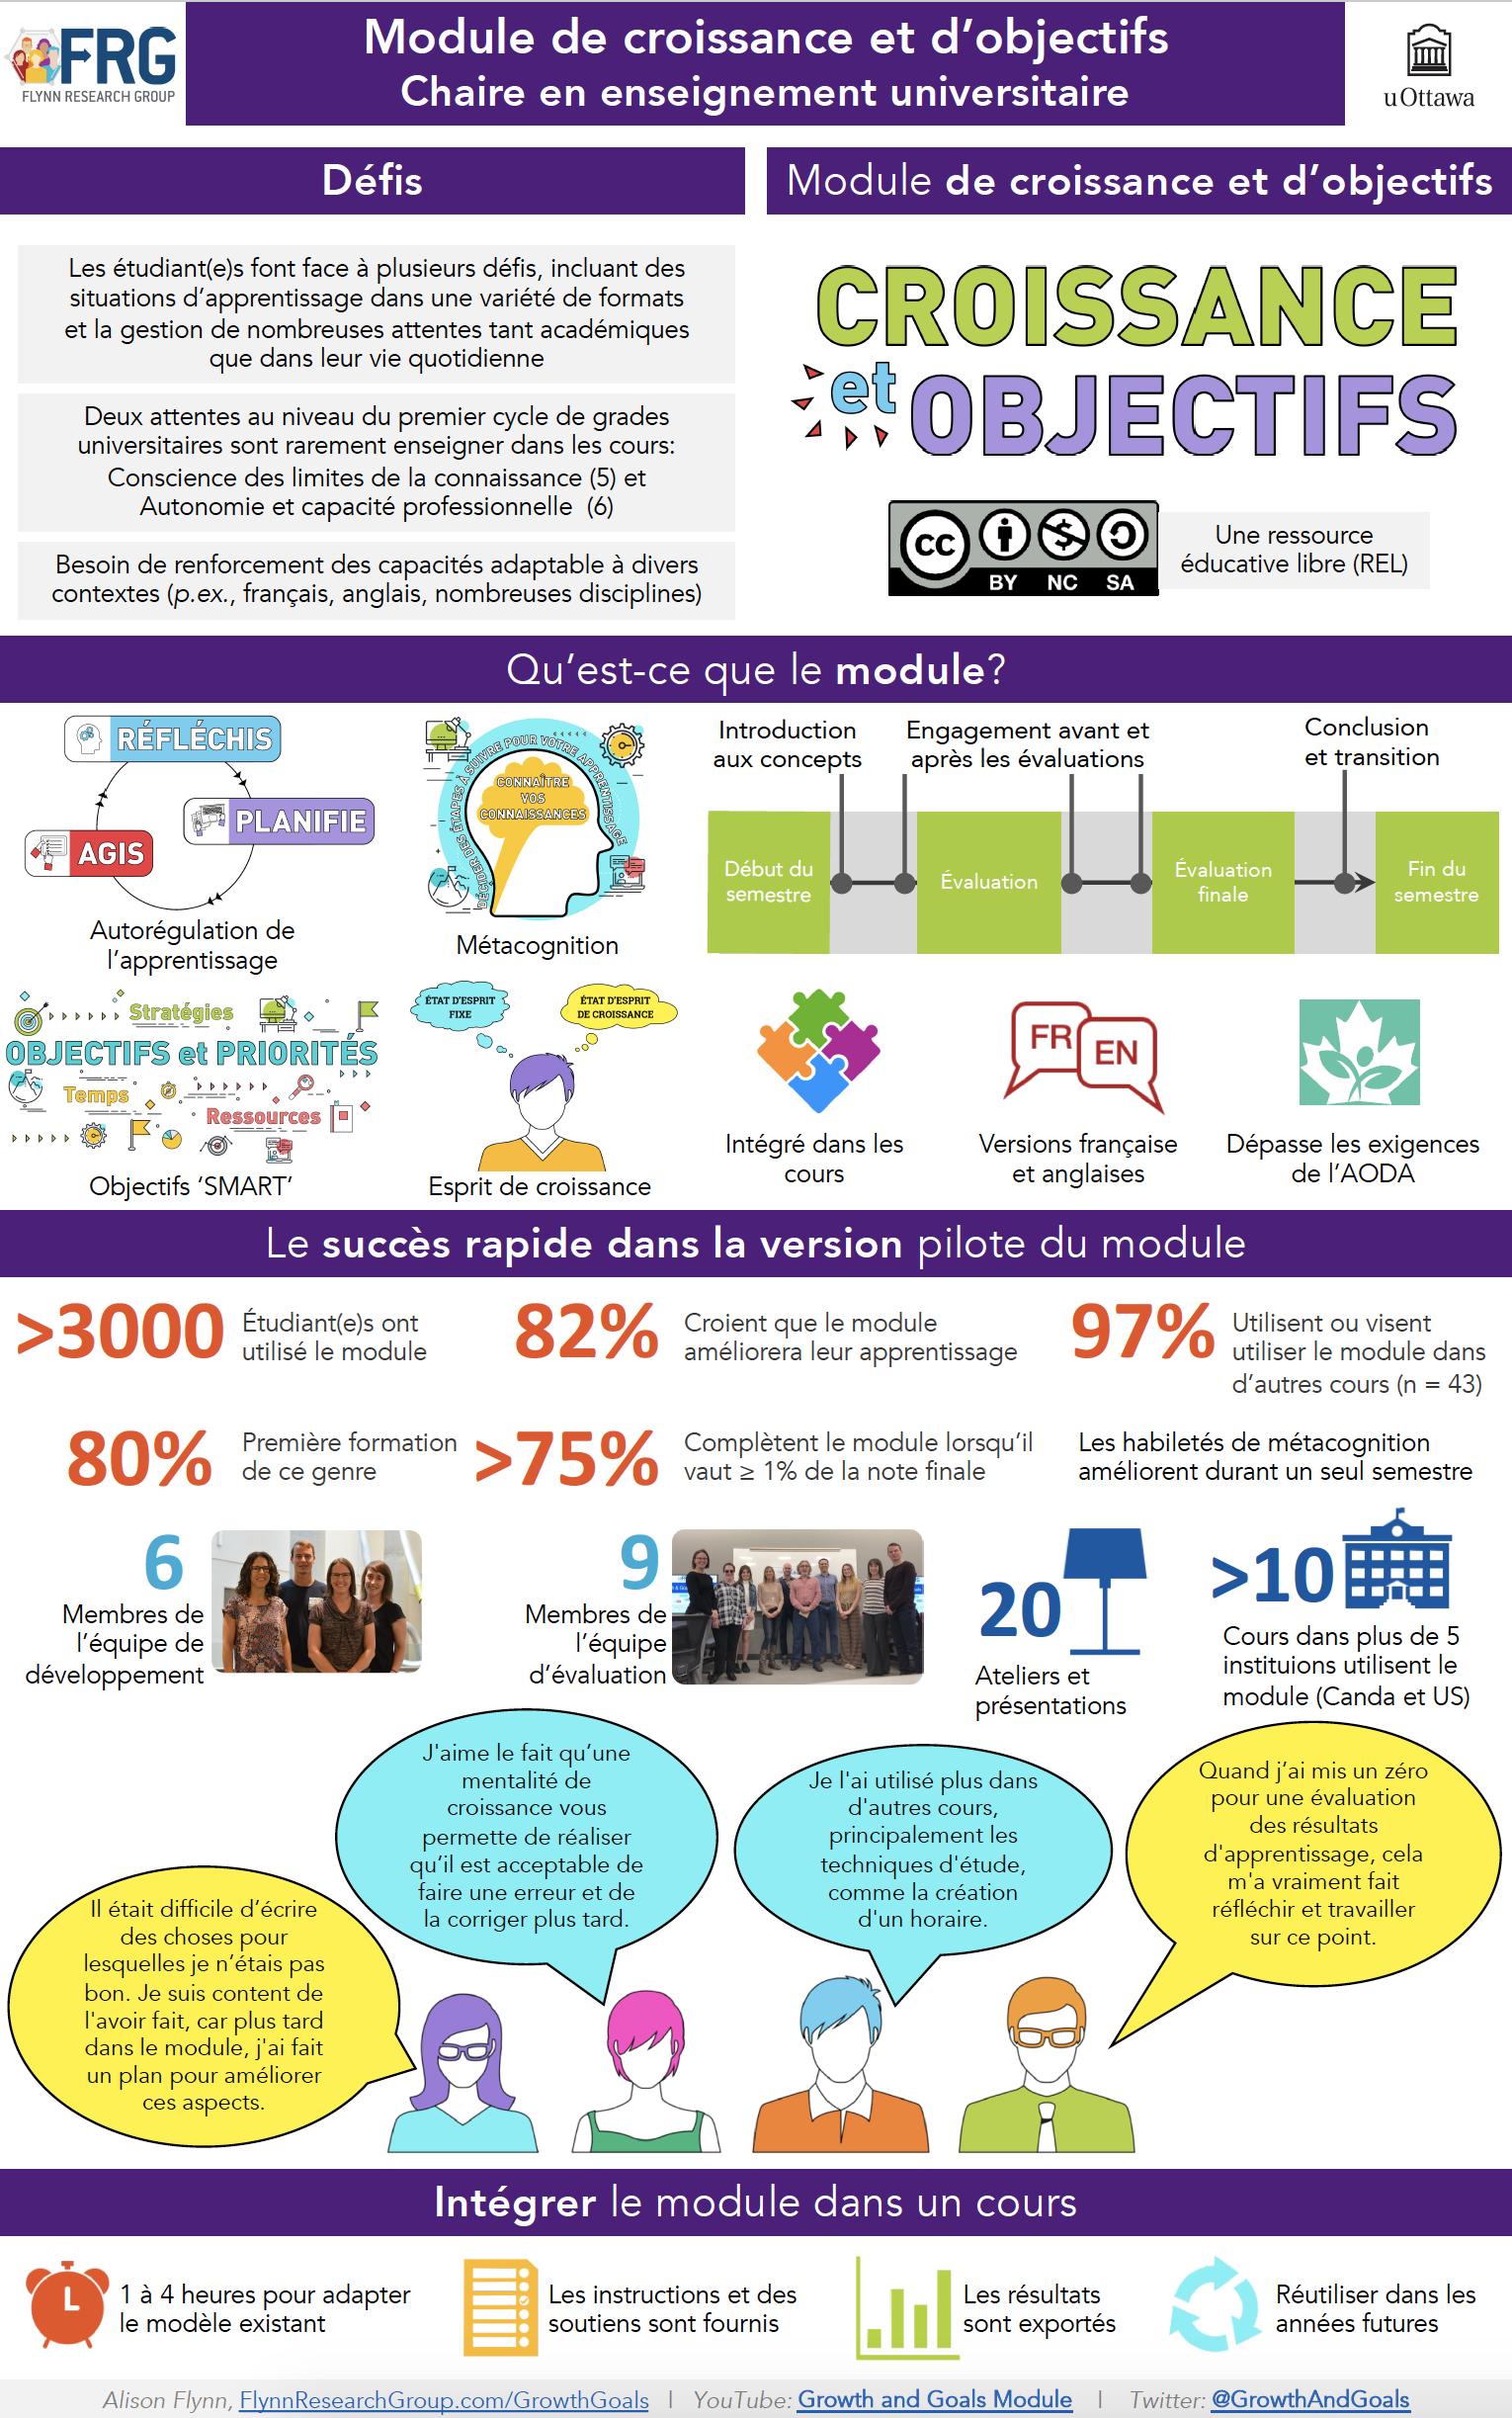 Croissance et objectifs - infographie